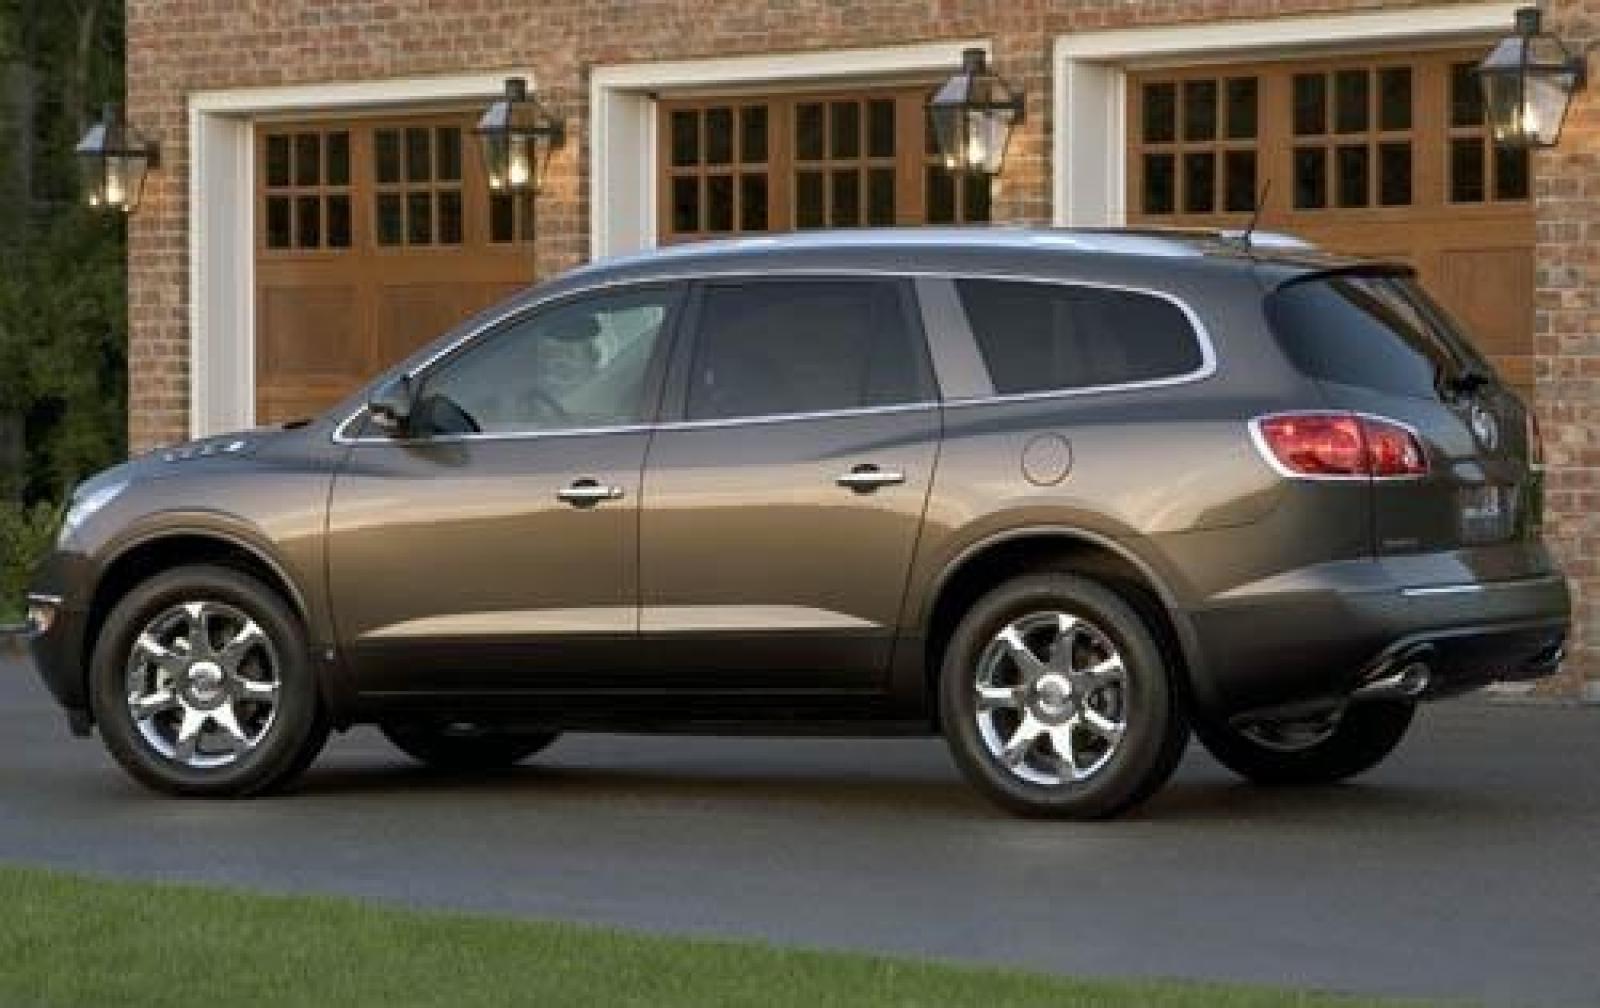 800 1024 1280 1600 Origin 2009 Buick